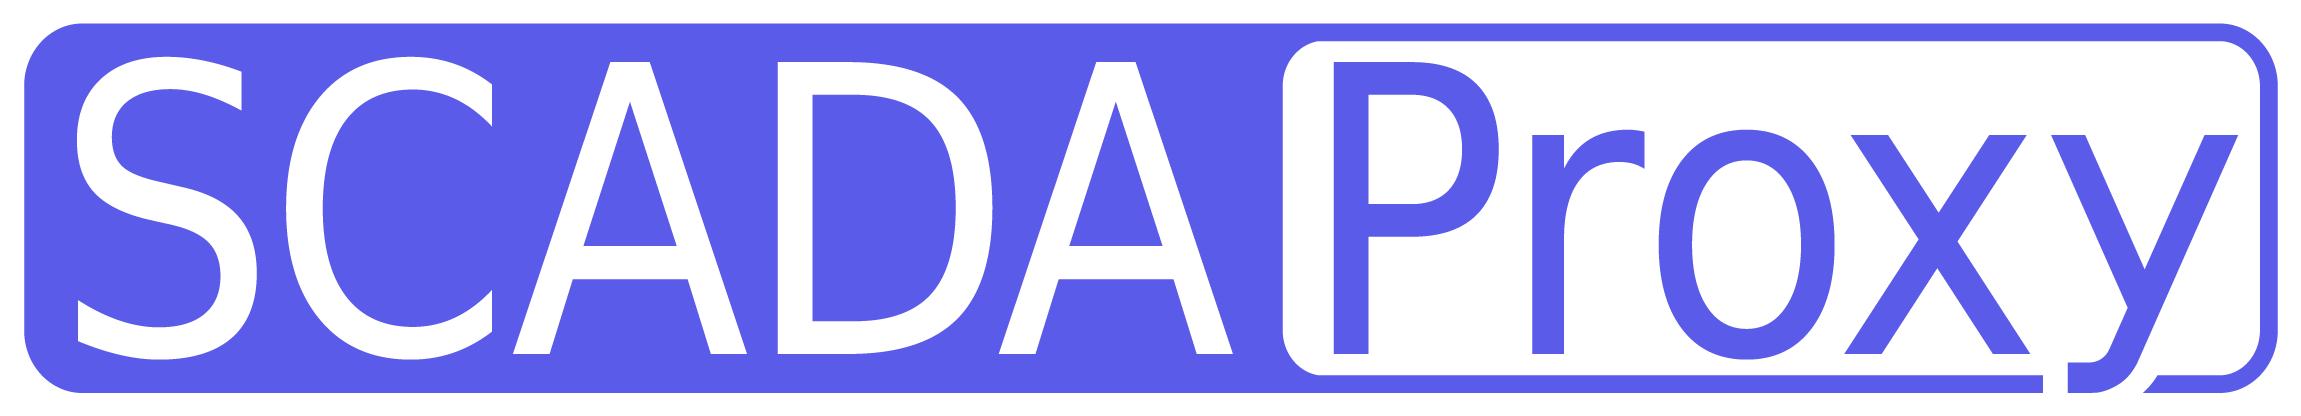 SCADA-Proxy